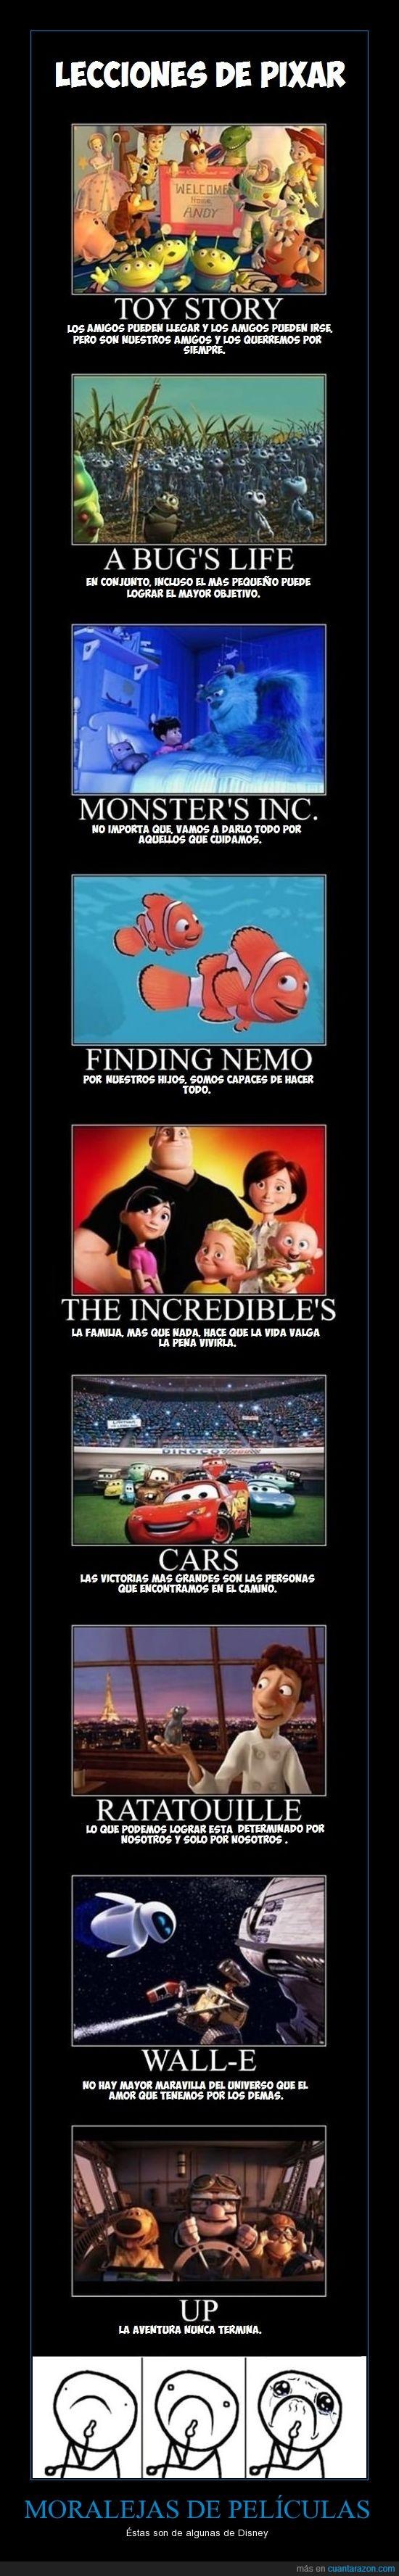 Bichos,Buscando a Nemo,Cars,Disney,Los Increibles,Monstruos SA,moraleja,película,Ratatouille,Toy Story,Up,Wall-e